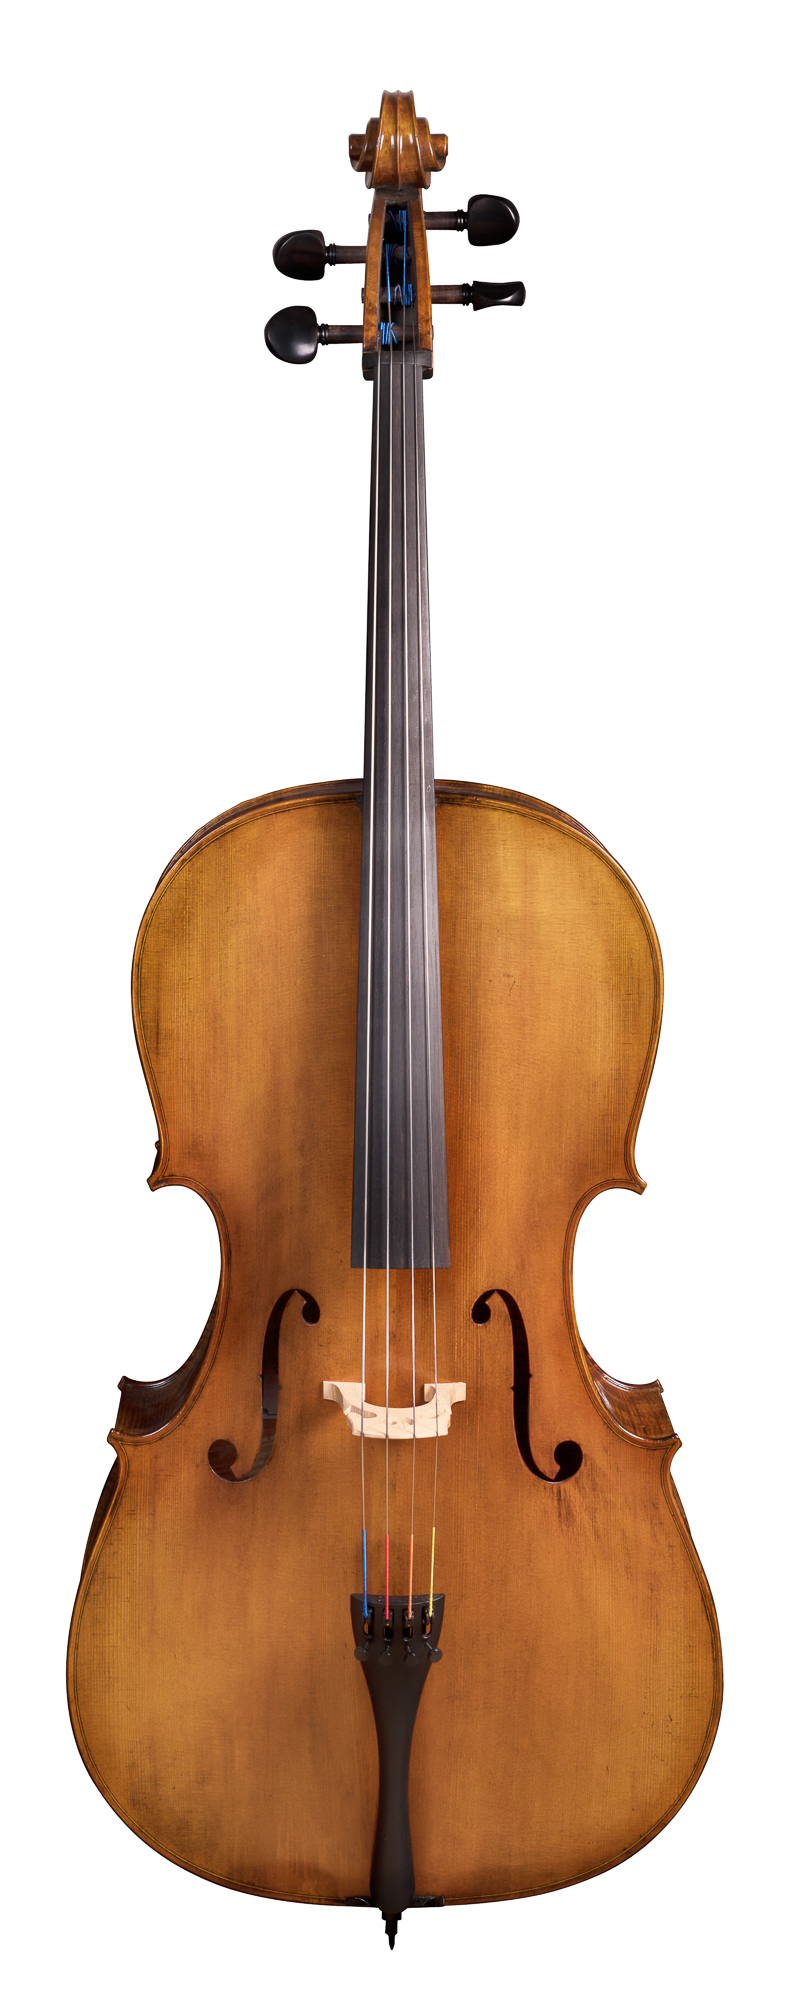 Vivaldi 100 series cello